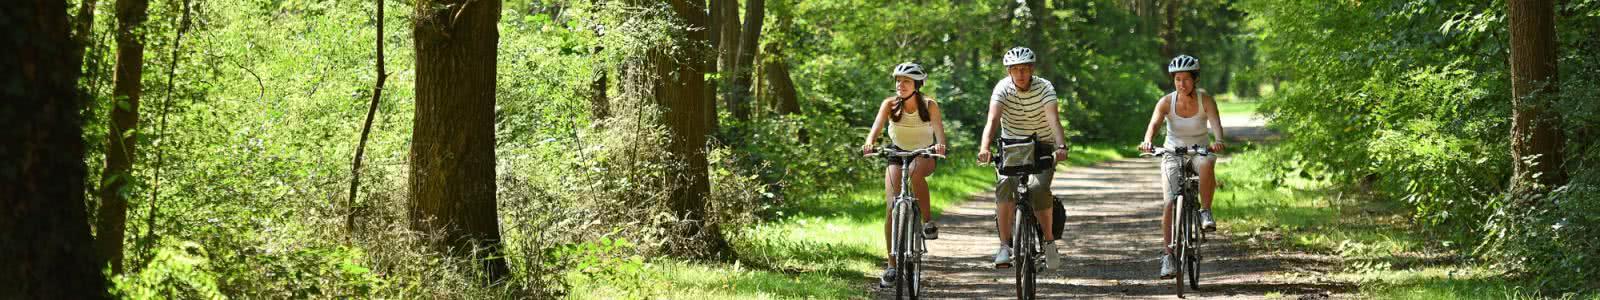 Vacances à vélo - itinéraire cyclable - Randonnée et balade à vélo en Sologne - Vacances à vélo en Loir-et-Cher Val de Loire ©J.Damase ADT41